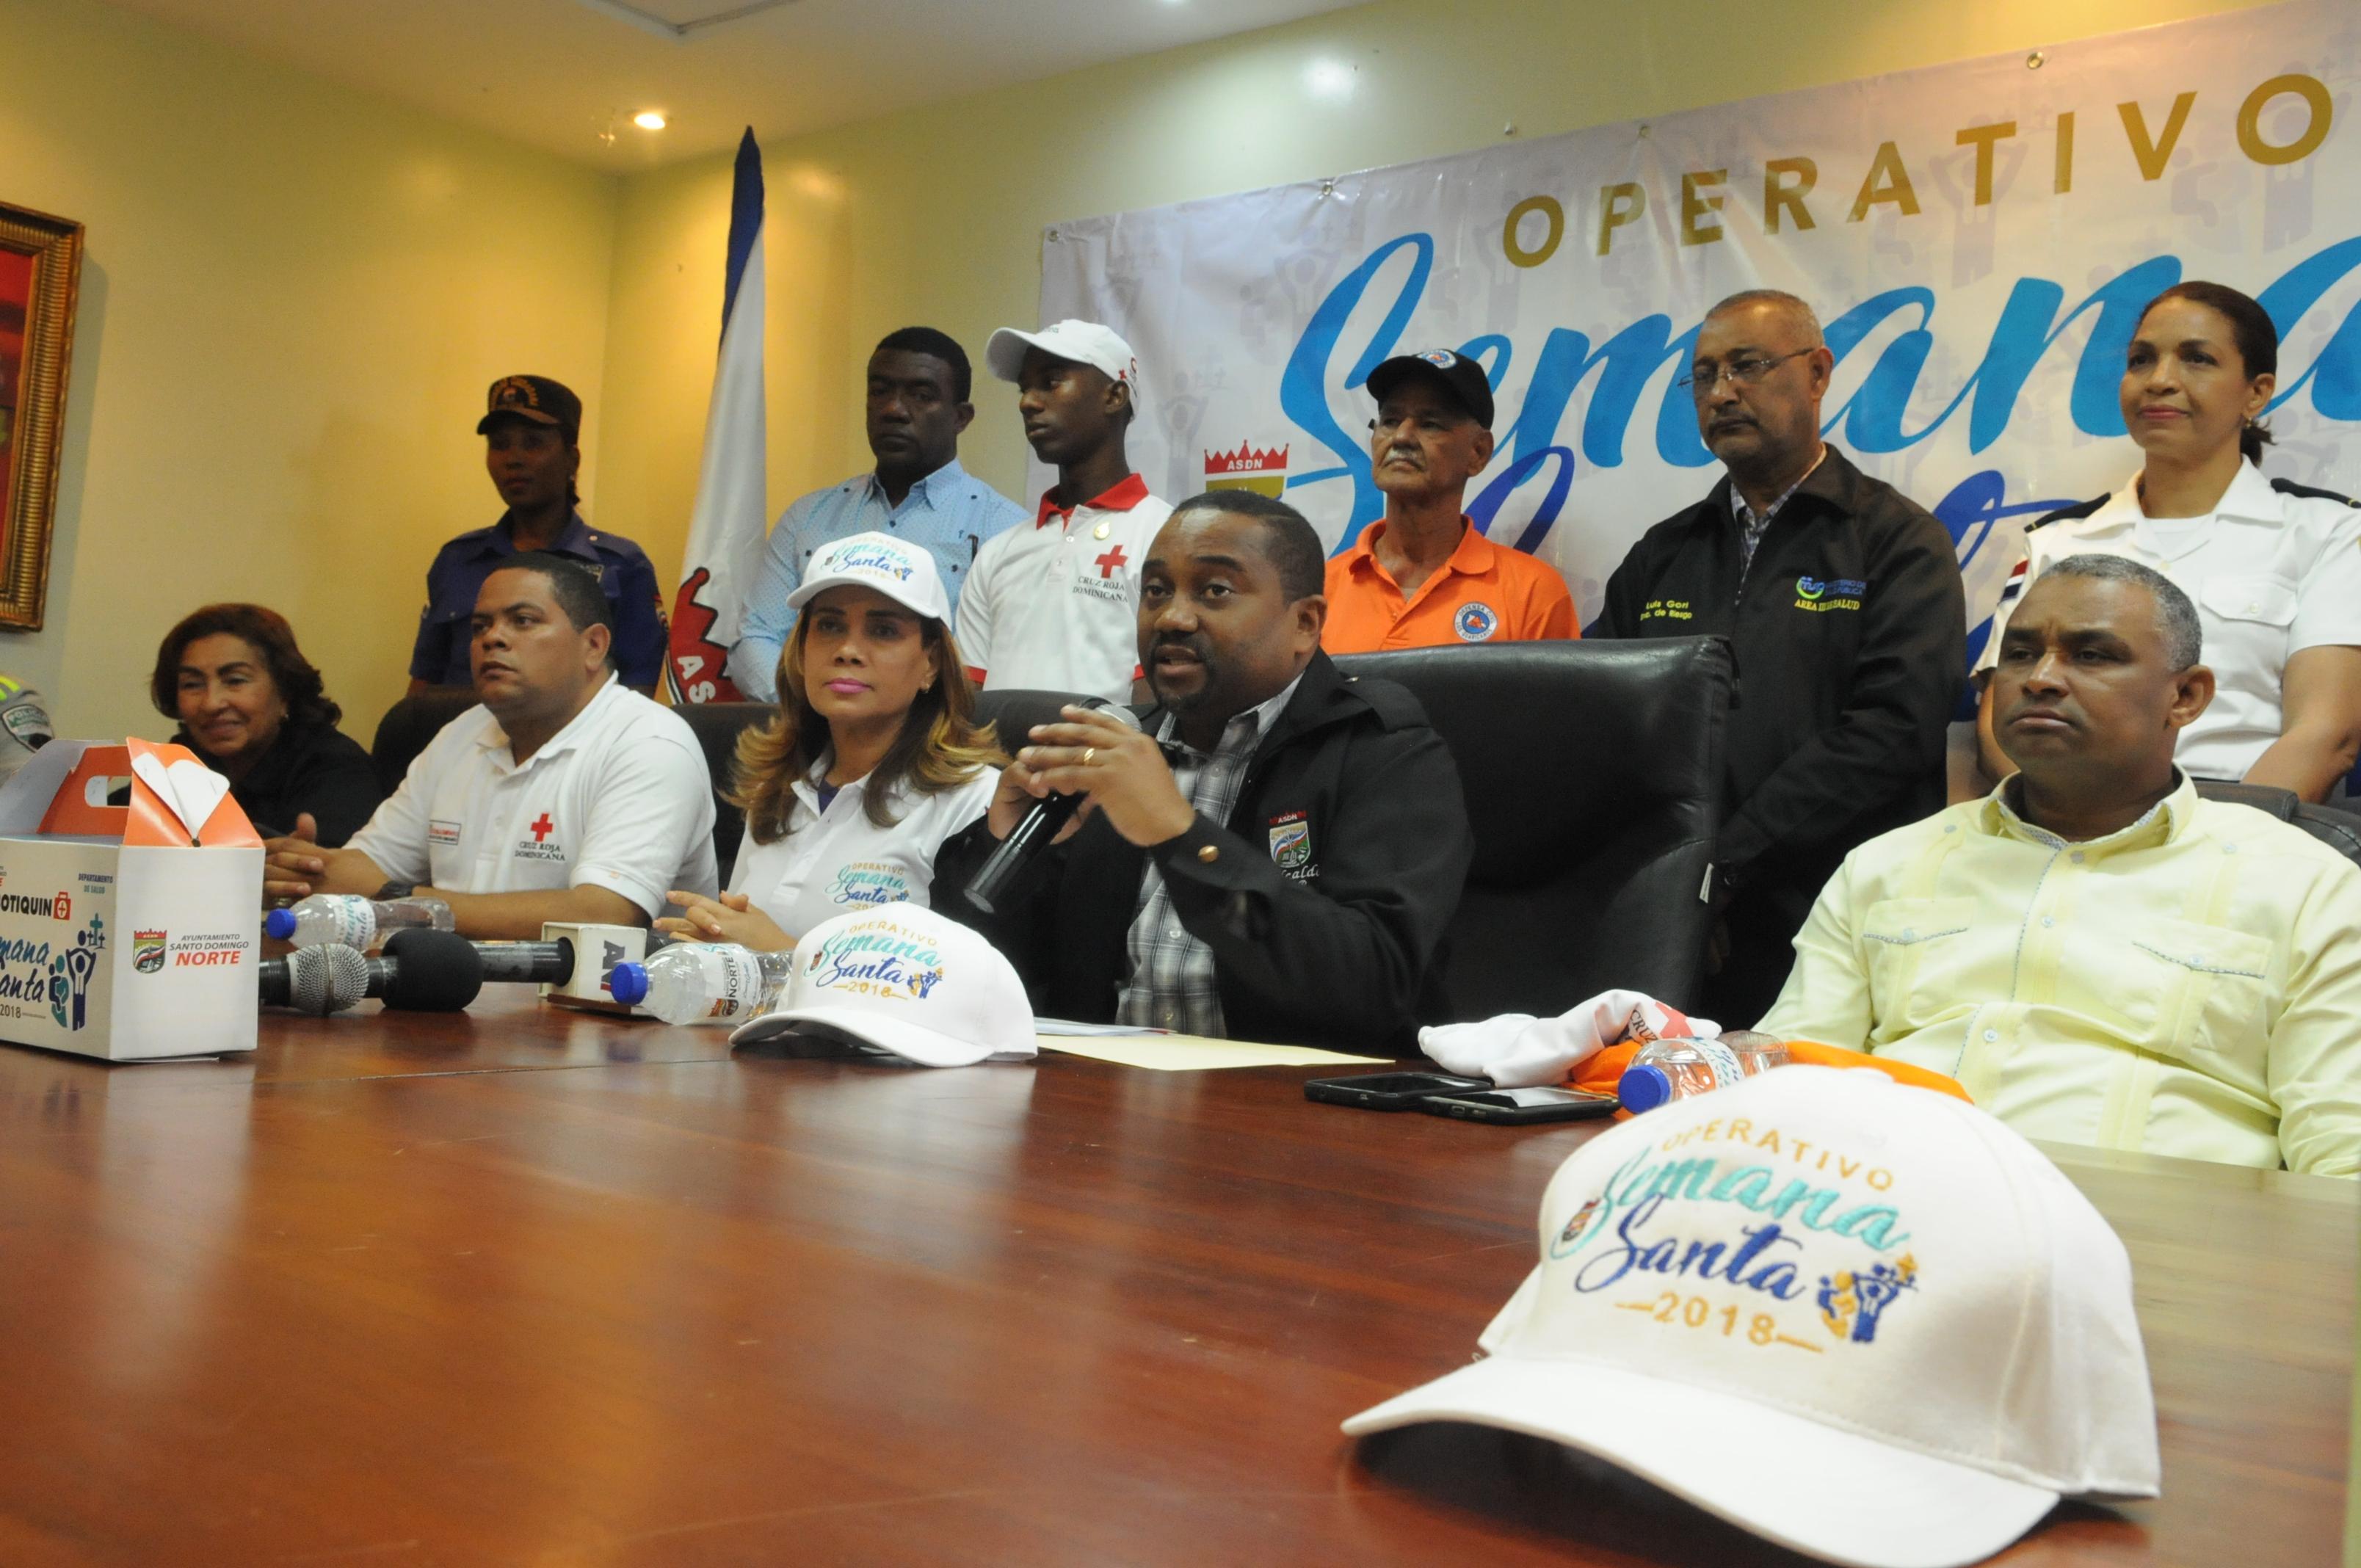 Alcalde René Polanco lanza Operativo Semana Santa 2018 con más de mil 600 personas para salvar vidas y evitar accidentes